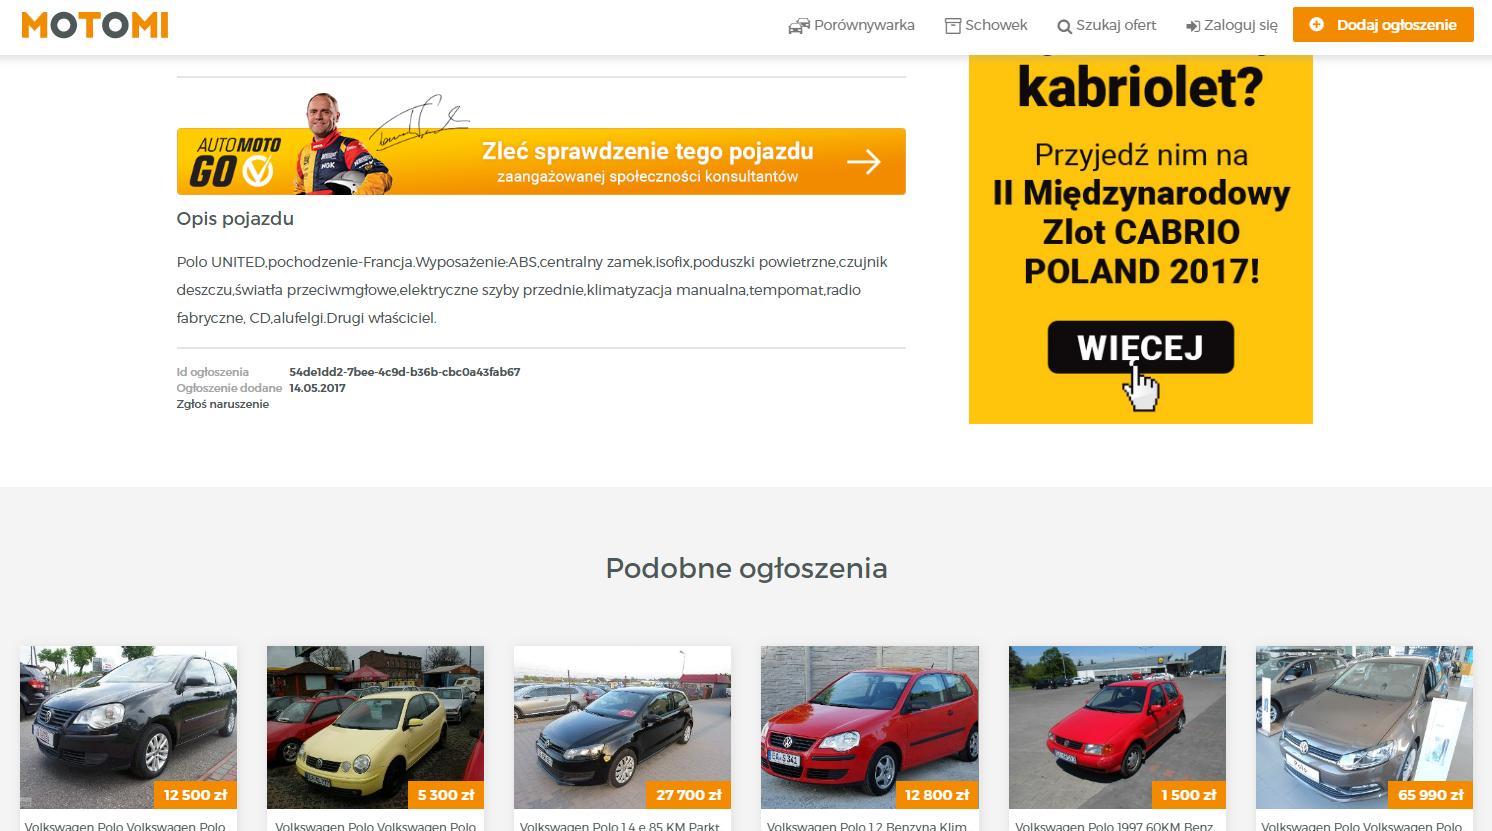 motomi.pl podobne ogłoszenia